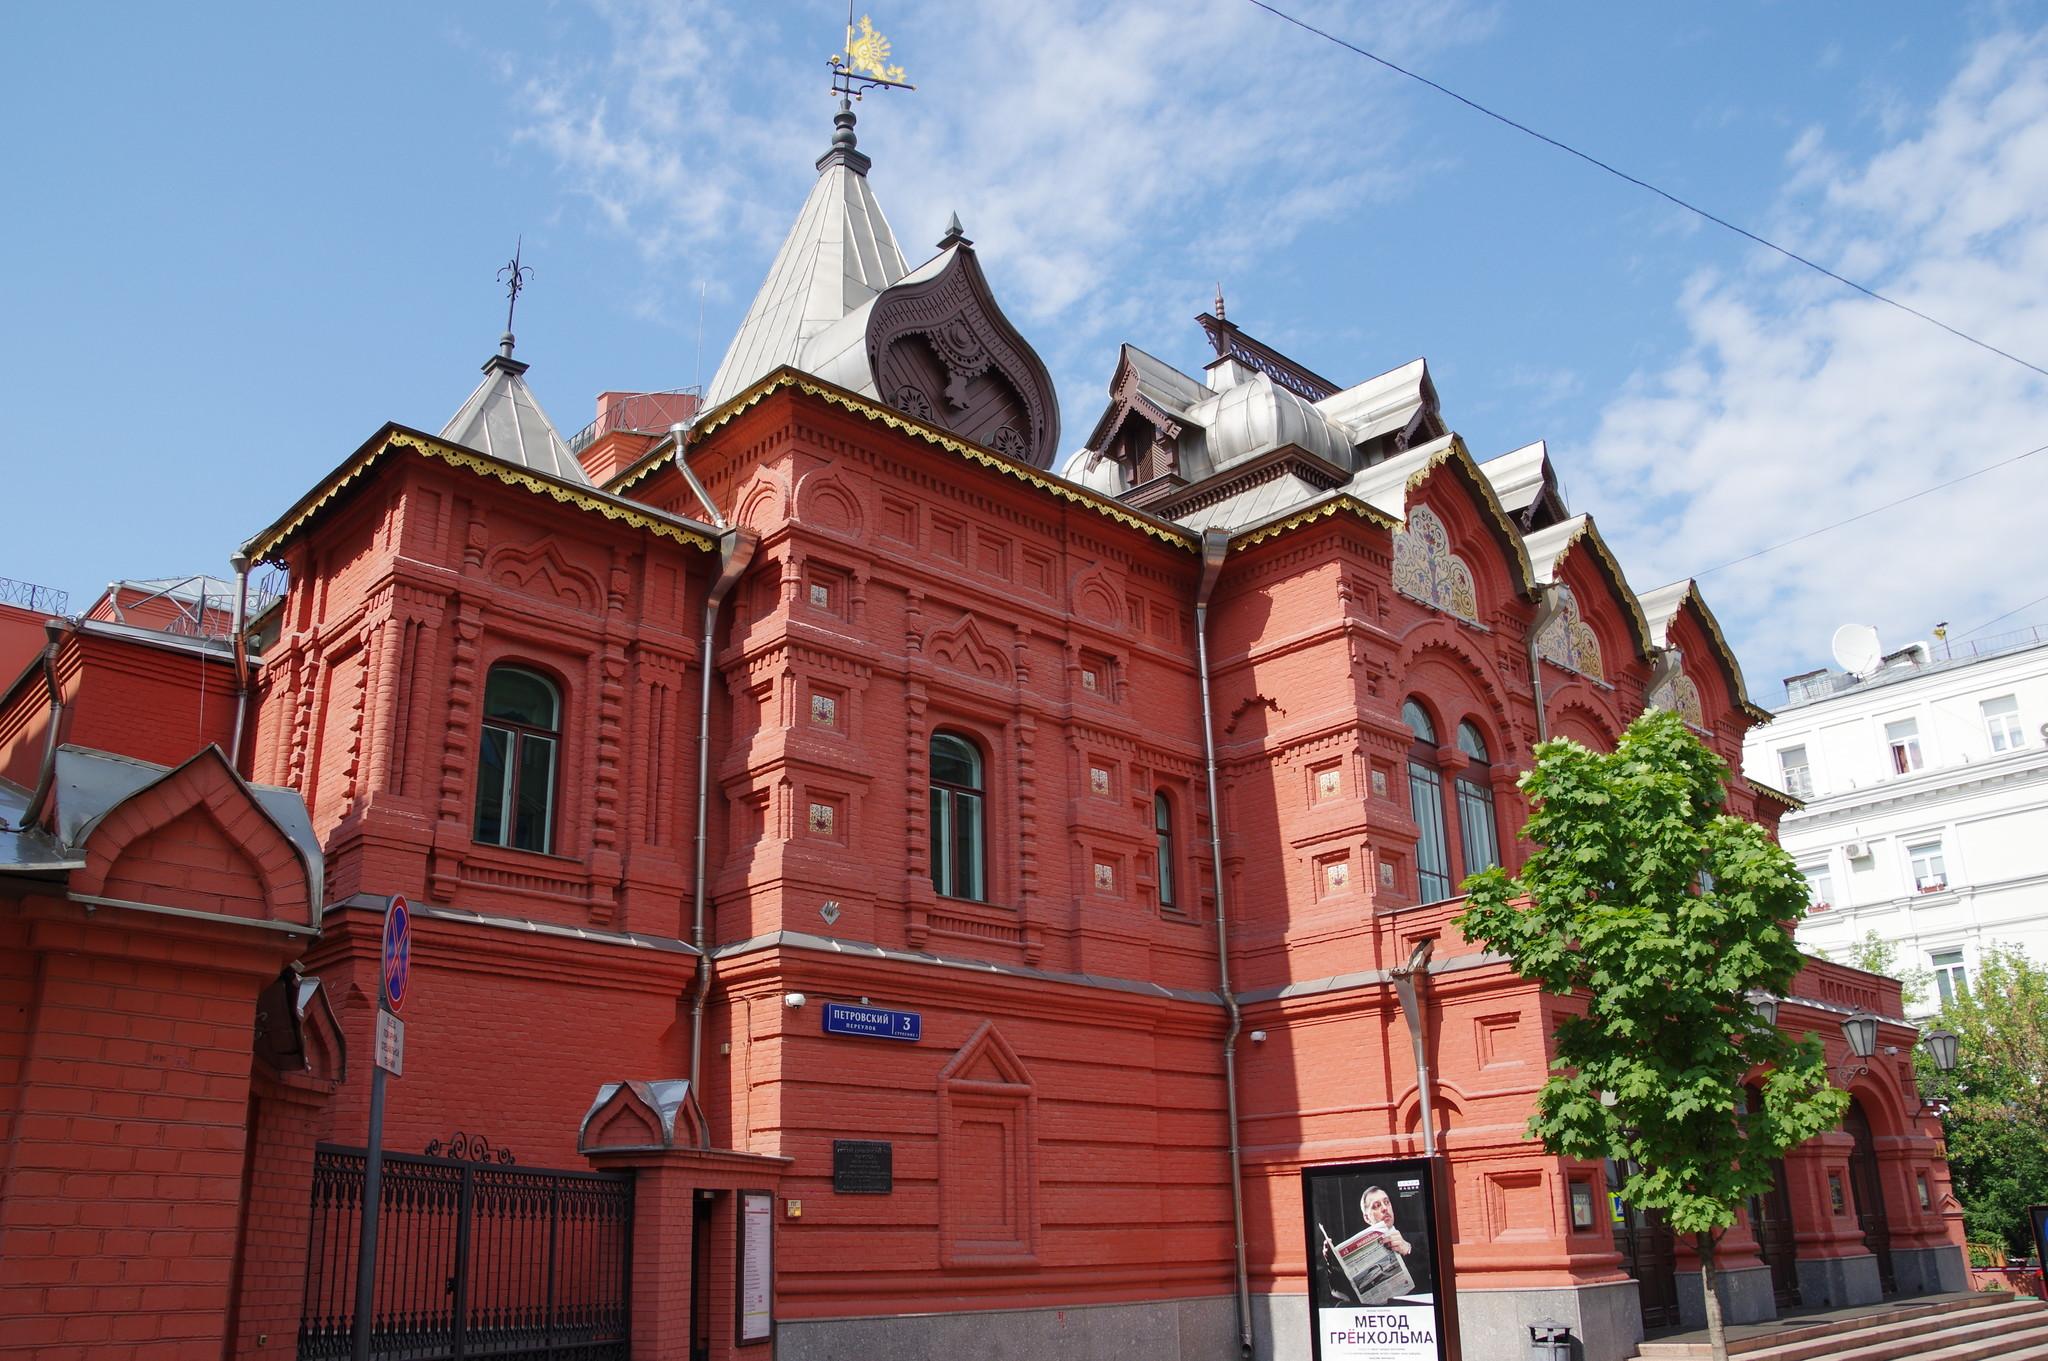 Государственный Театр Наций (Петровский переулок, дом 3)